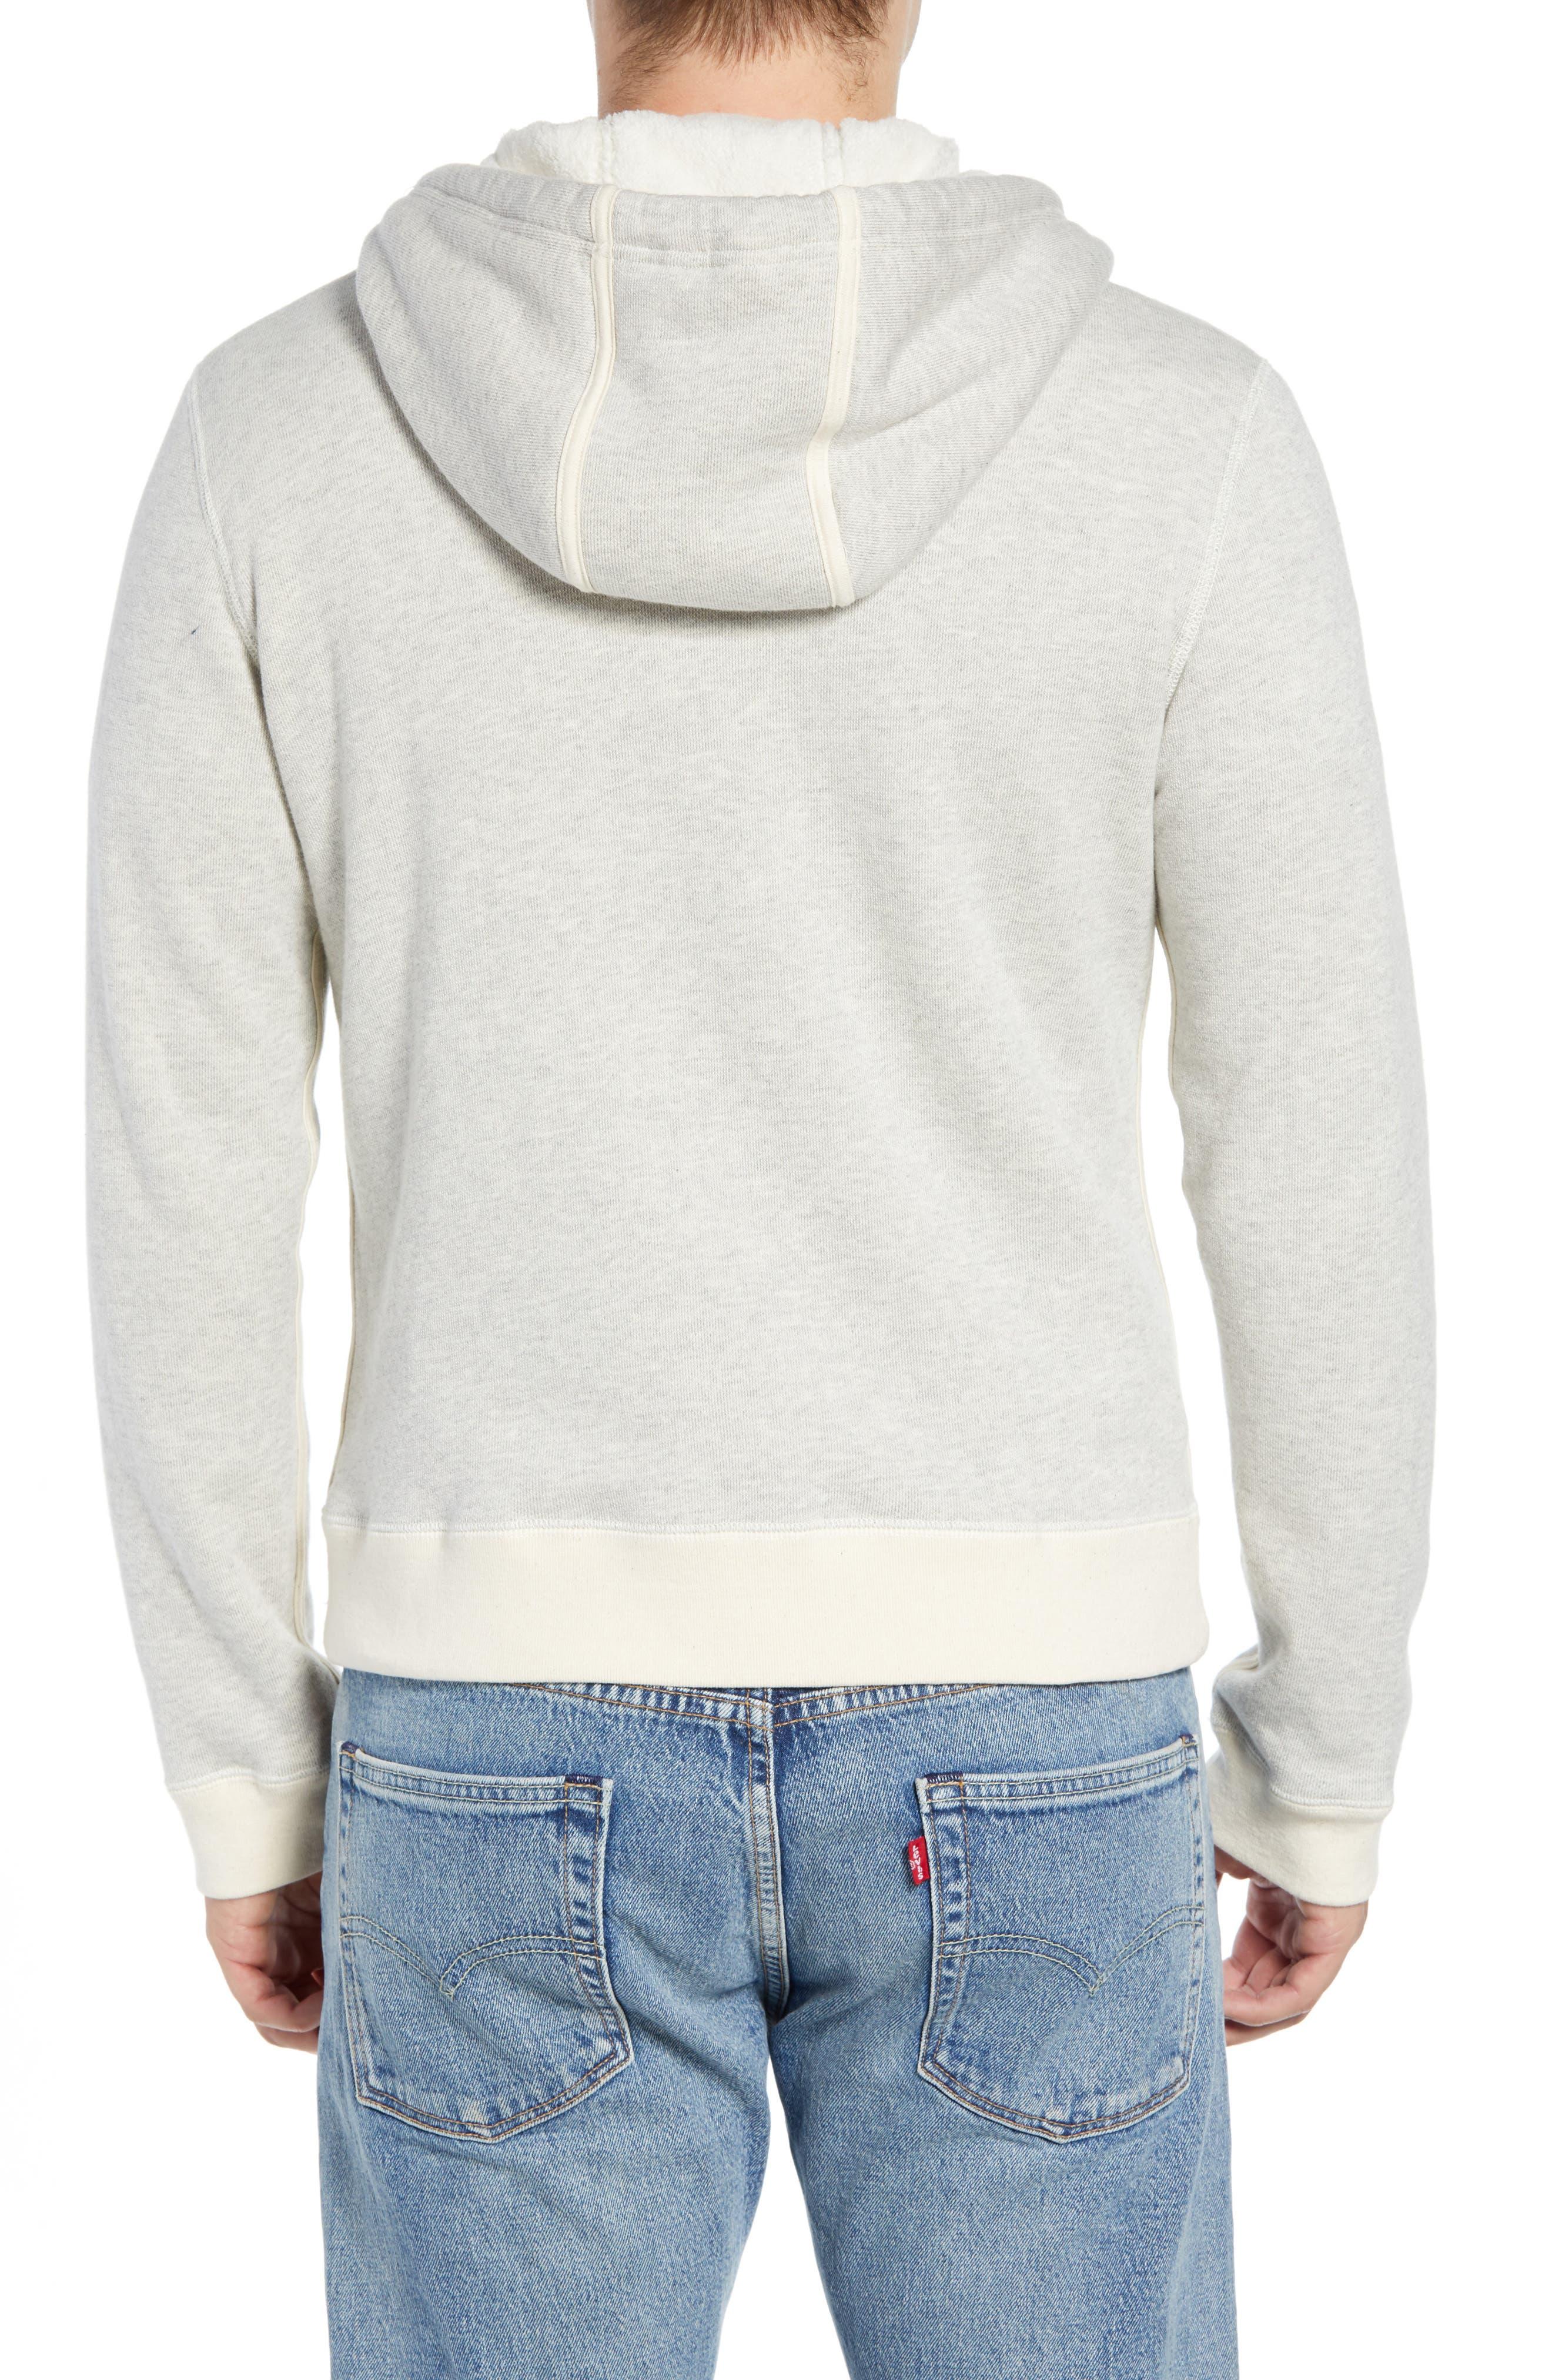 BILLY REID,                             Panelled Fleece Zip Hoodie,                             Alternate thumbnail 2, color,                             032